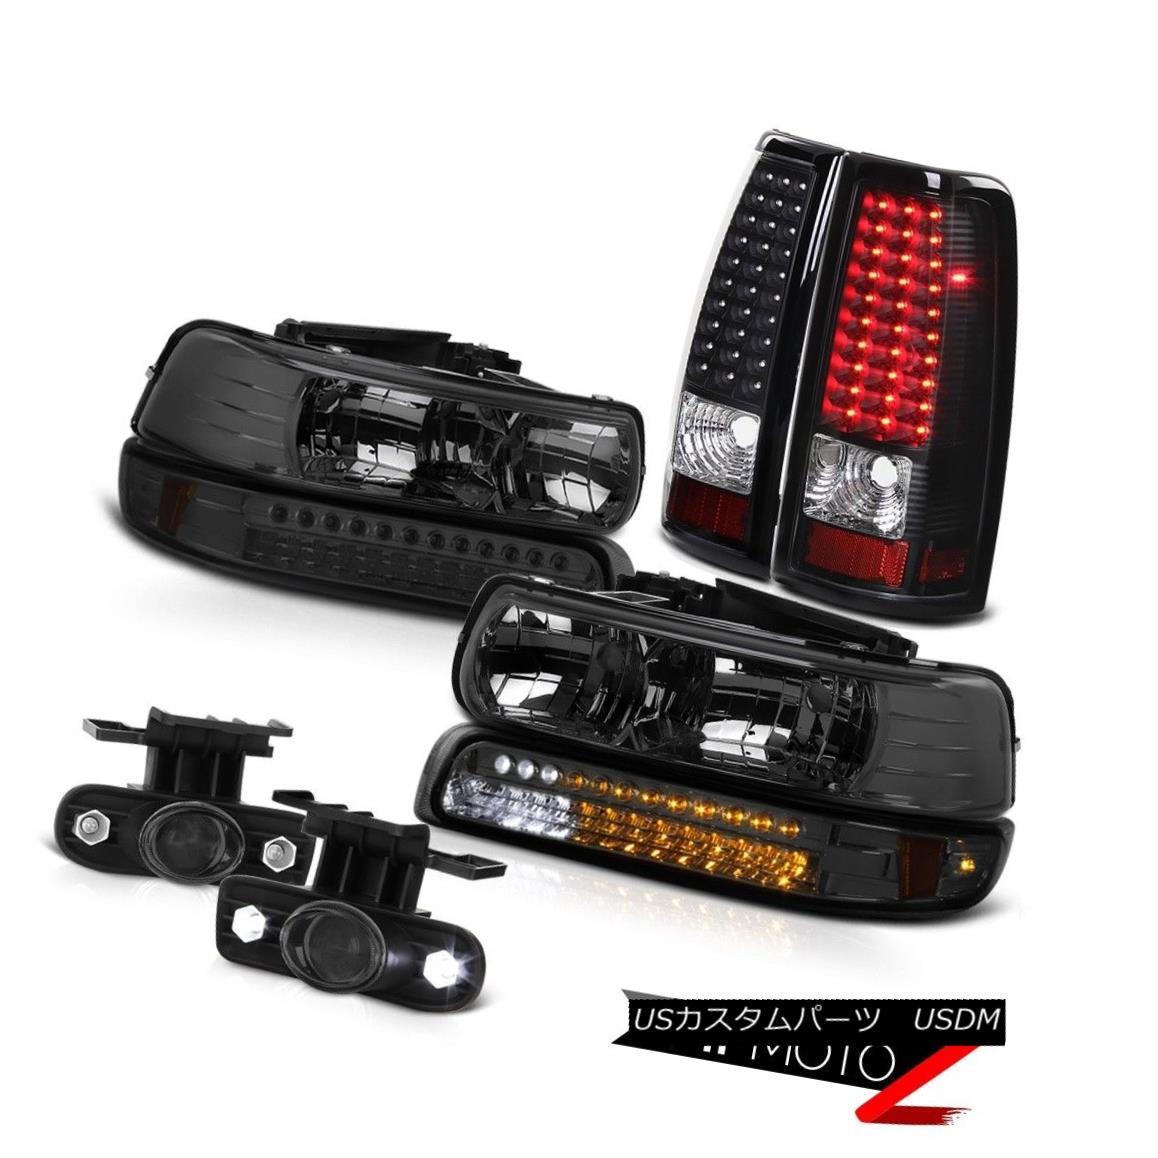 テールライト 99-2002 Silverado 4.3L V8 Headlamps Smoke DRL LED Tail Lamps Projector Foglight 99-2002 Silverado 4.3L V8ヘッドライト煙DRL LEDテールランププロジェクターFoglight